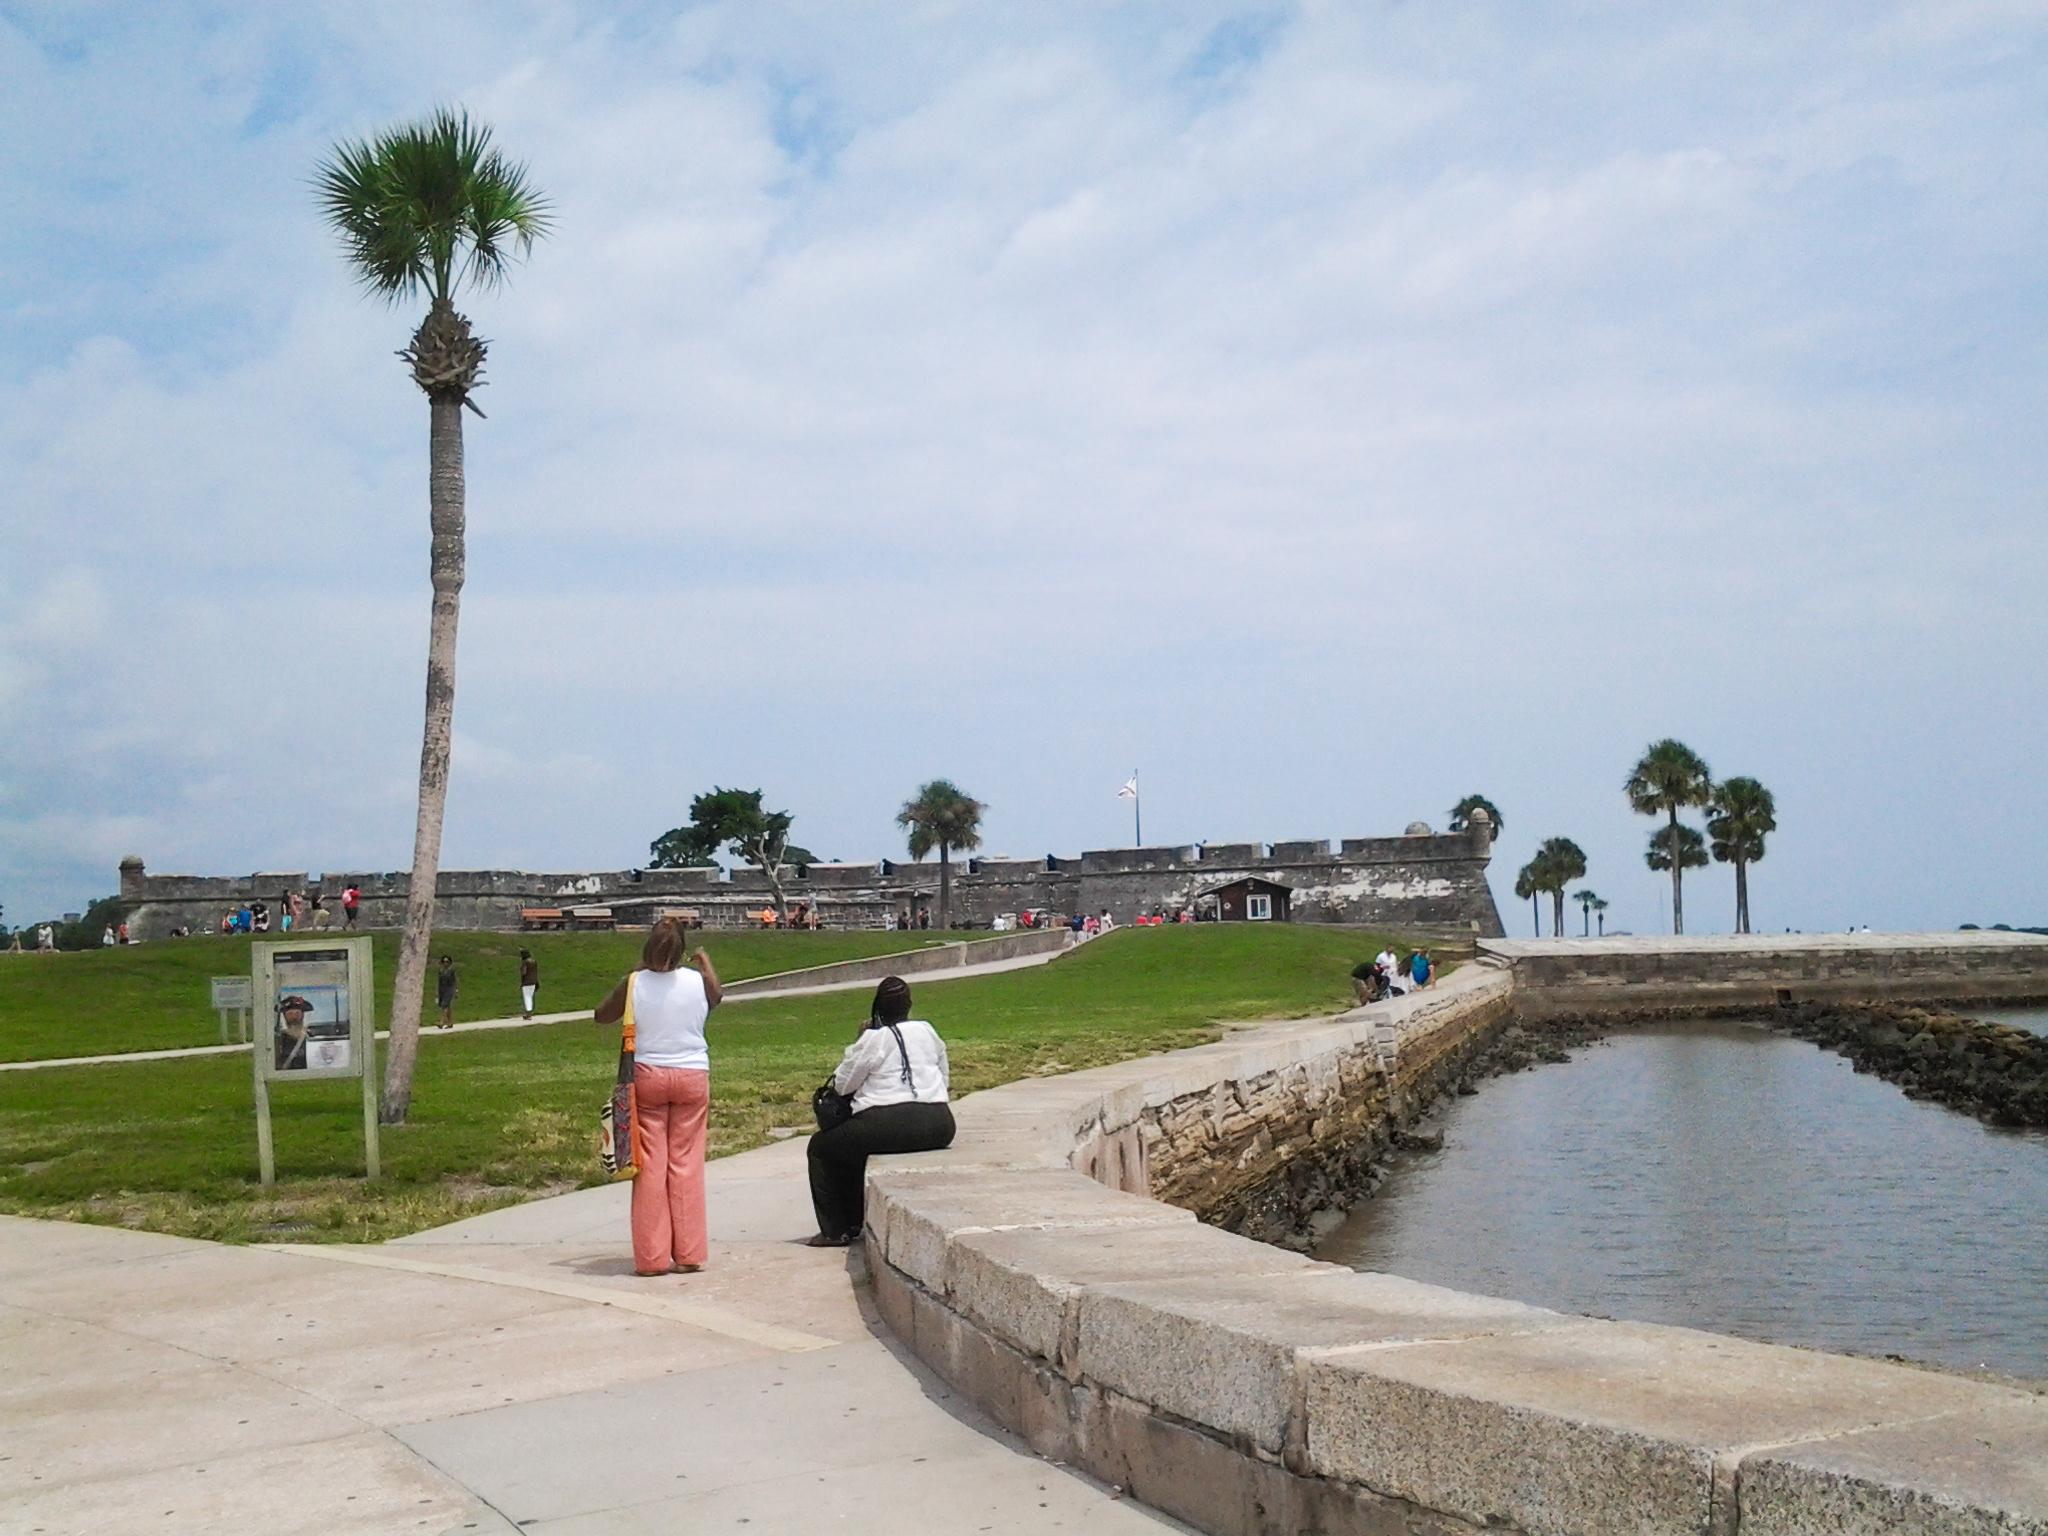 St. Augustine, Amelia Island & Jacksonville